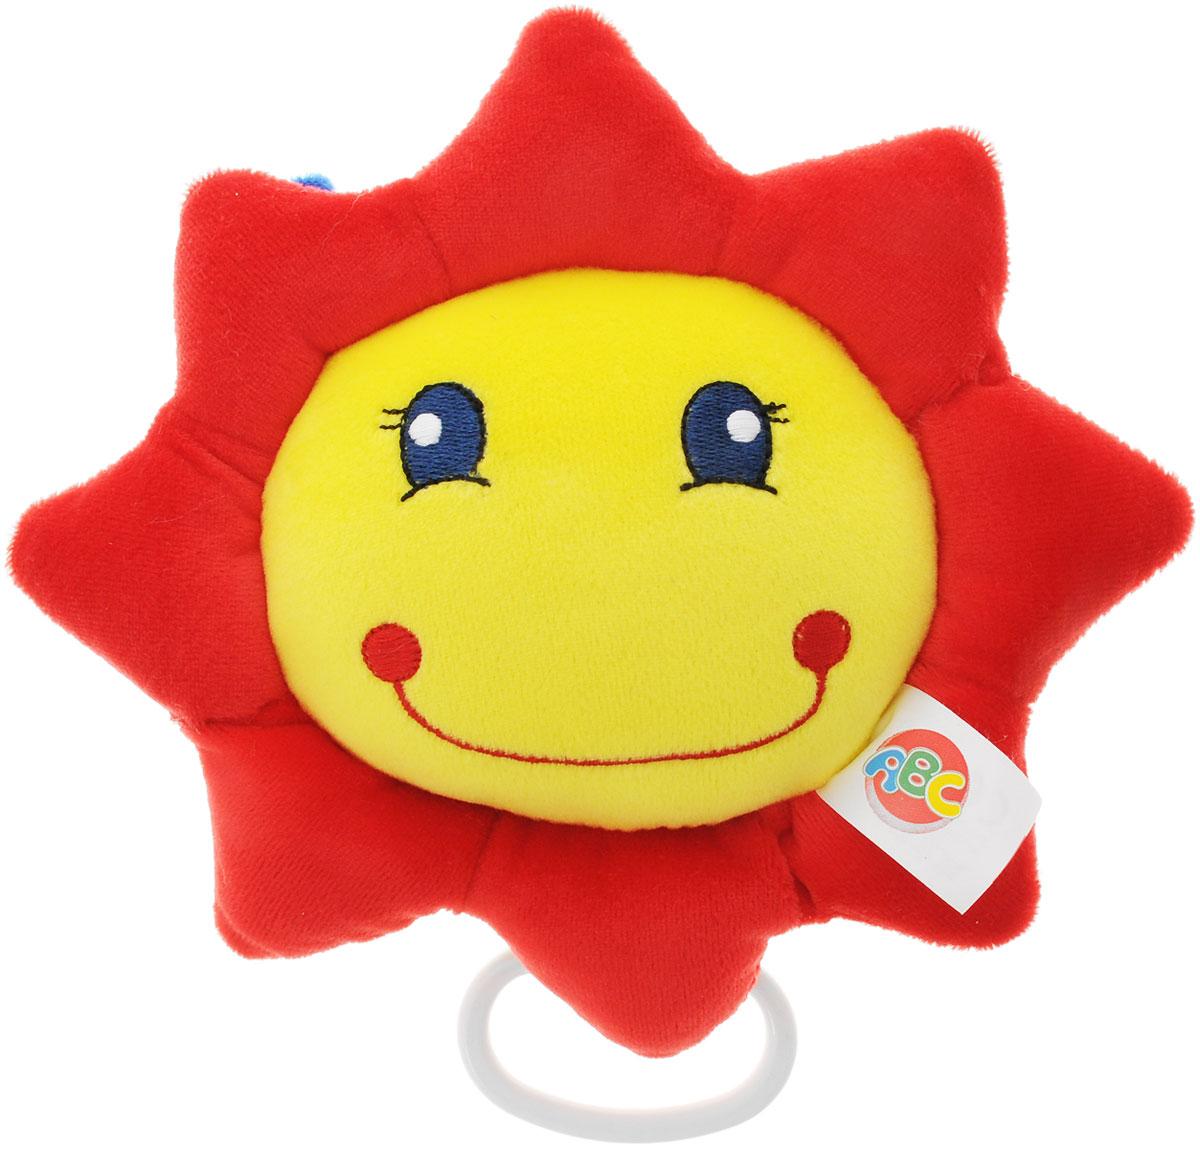 Simba Музыкальная игрушка-подвеска Солнышко4011339_солнышко, желтый, красныйМузыкальная игрушка-подвеска Simba Солнышко изготовлена из мягкого приятного на ощупь материала ярких приятных тонов в виде милого солнышка. Если вы потяните за пластиковое кольцо вниз, малыш услышит негромкую успокаивающую мелодию, которая поможет ему притихнуть и заснуть. Подвеска, наполненная гипоаллергенным волокном, проигрывает красивую мелодию, которая заменит наскучившие колыбельные. Крепится к кроватке с помощью специального петельки. Игрушка-подвеска Simba Солнышко развивает слух, моторику, зрительно- цветовое восприятие и обладает релаксирующим воздействием.